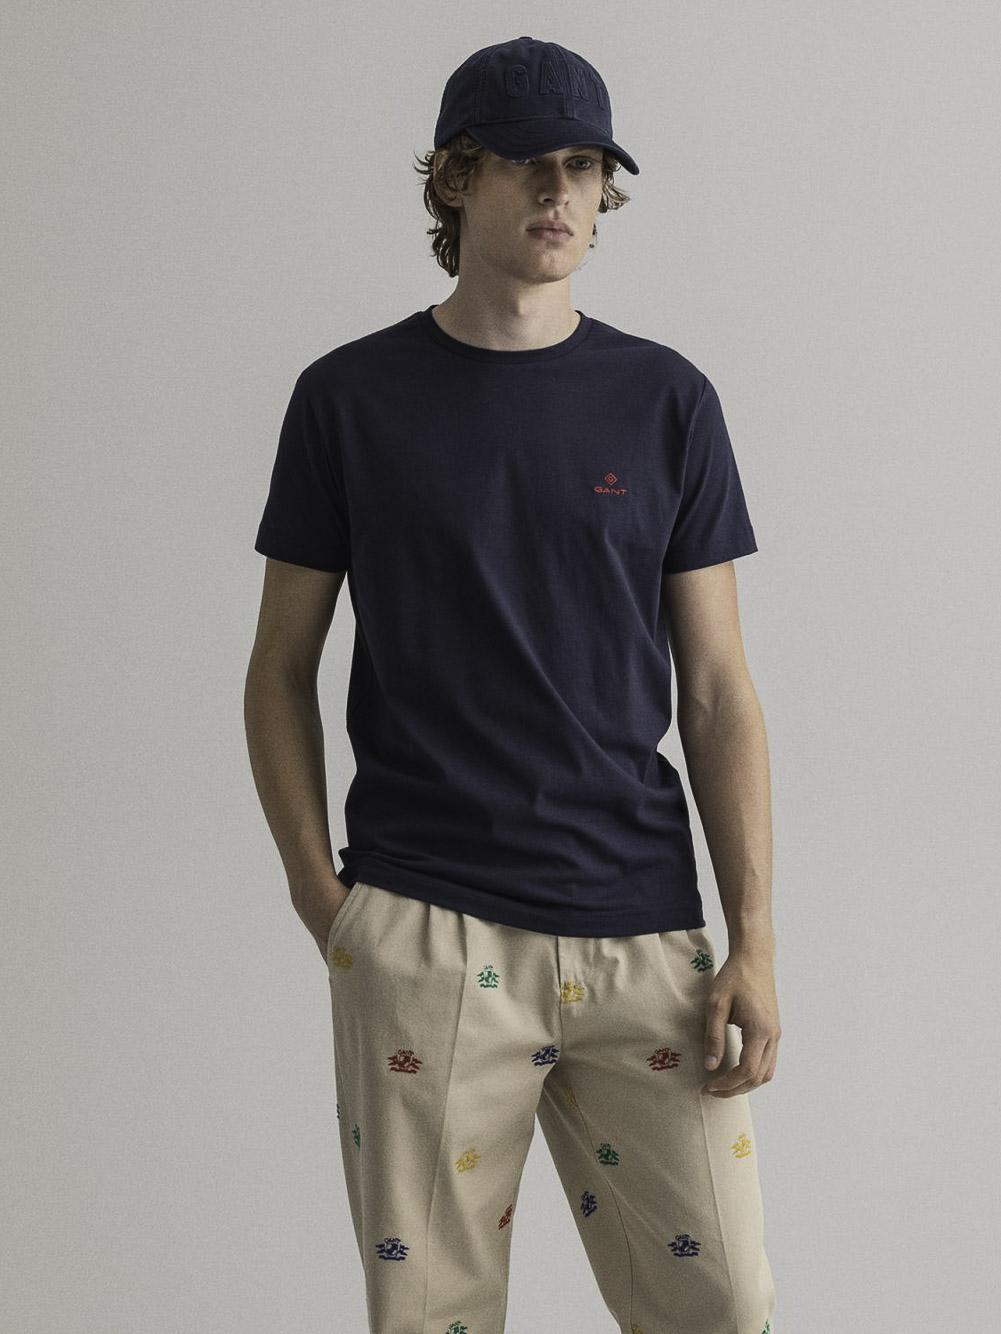 GANT Μπλούζα t-shirt 3G2053004-433 ΣΚΟΥΡΟ ΜΠΛΕ